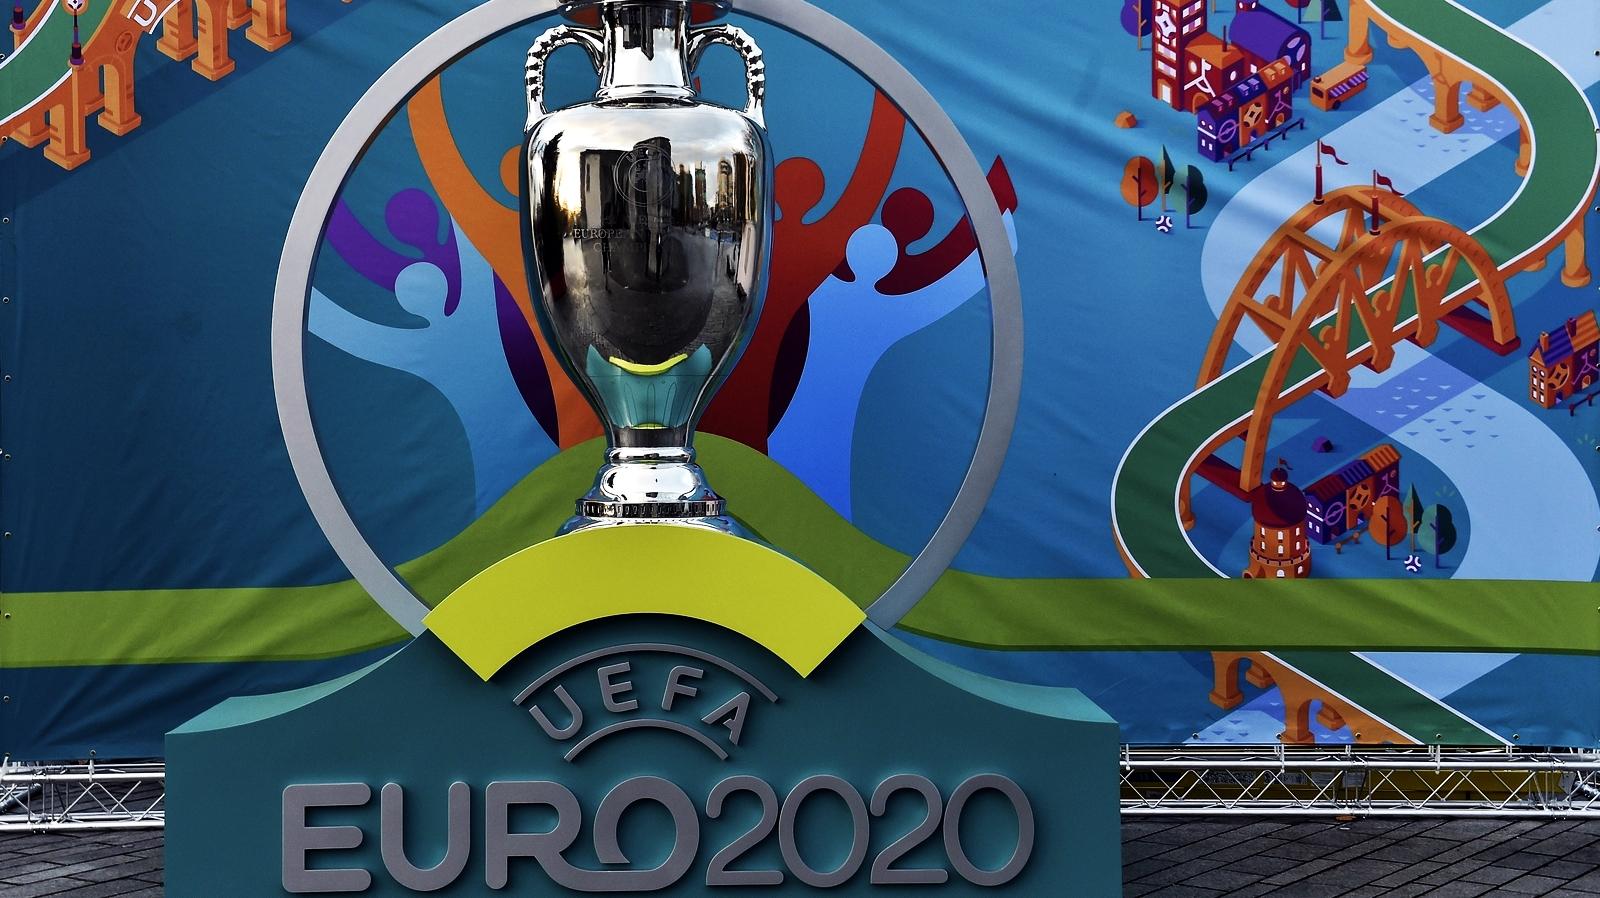 SON DAKİKA: EURO 2020, 2021'e Erteleniyor!